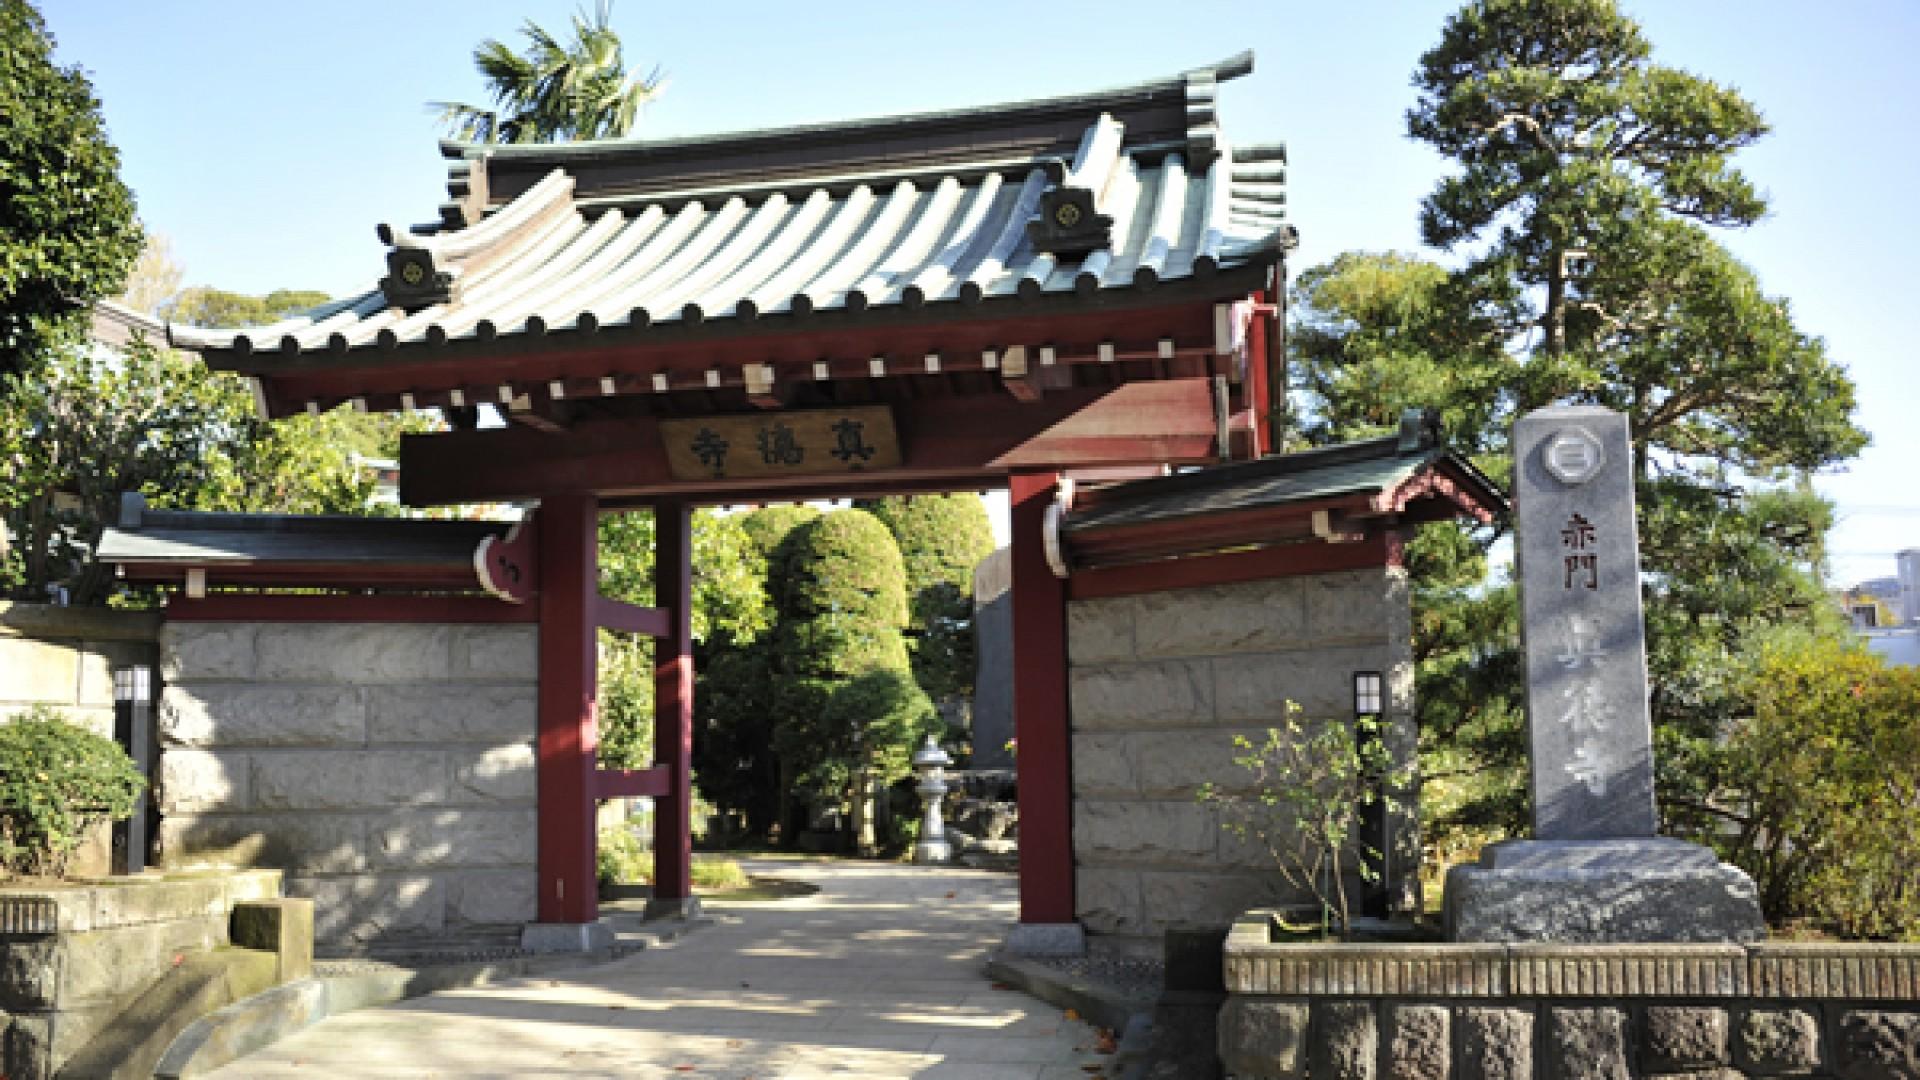 Shintoku-ji Tempel